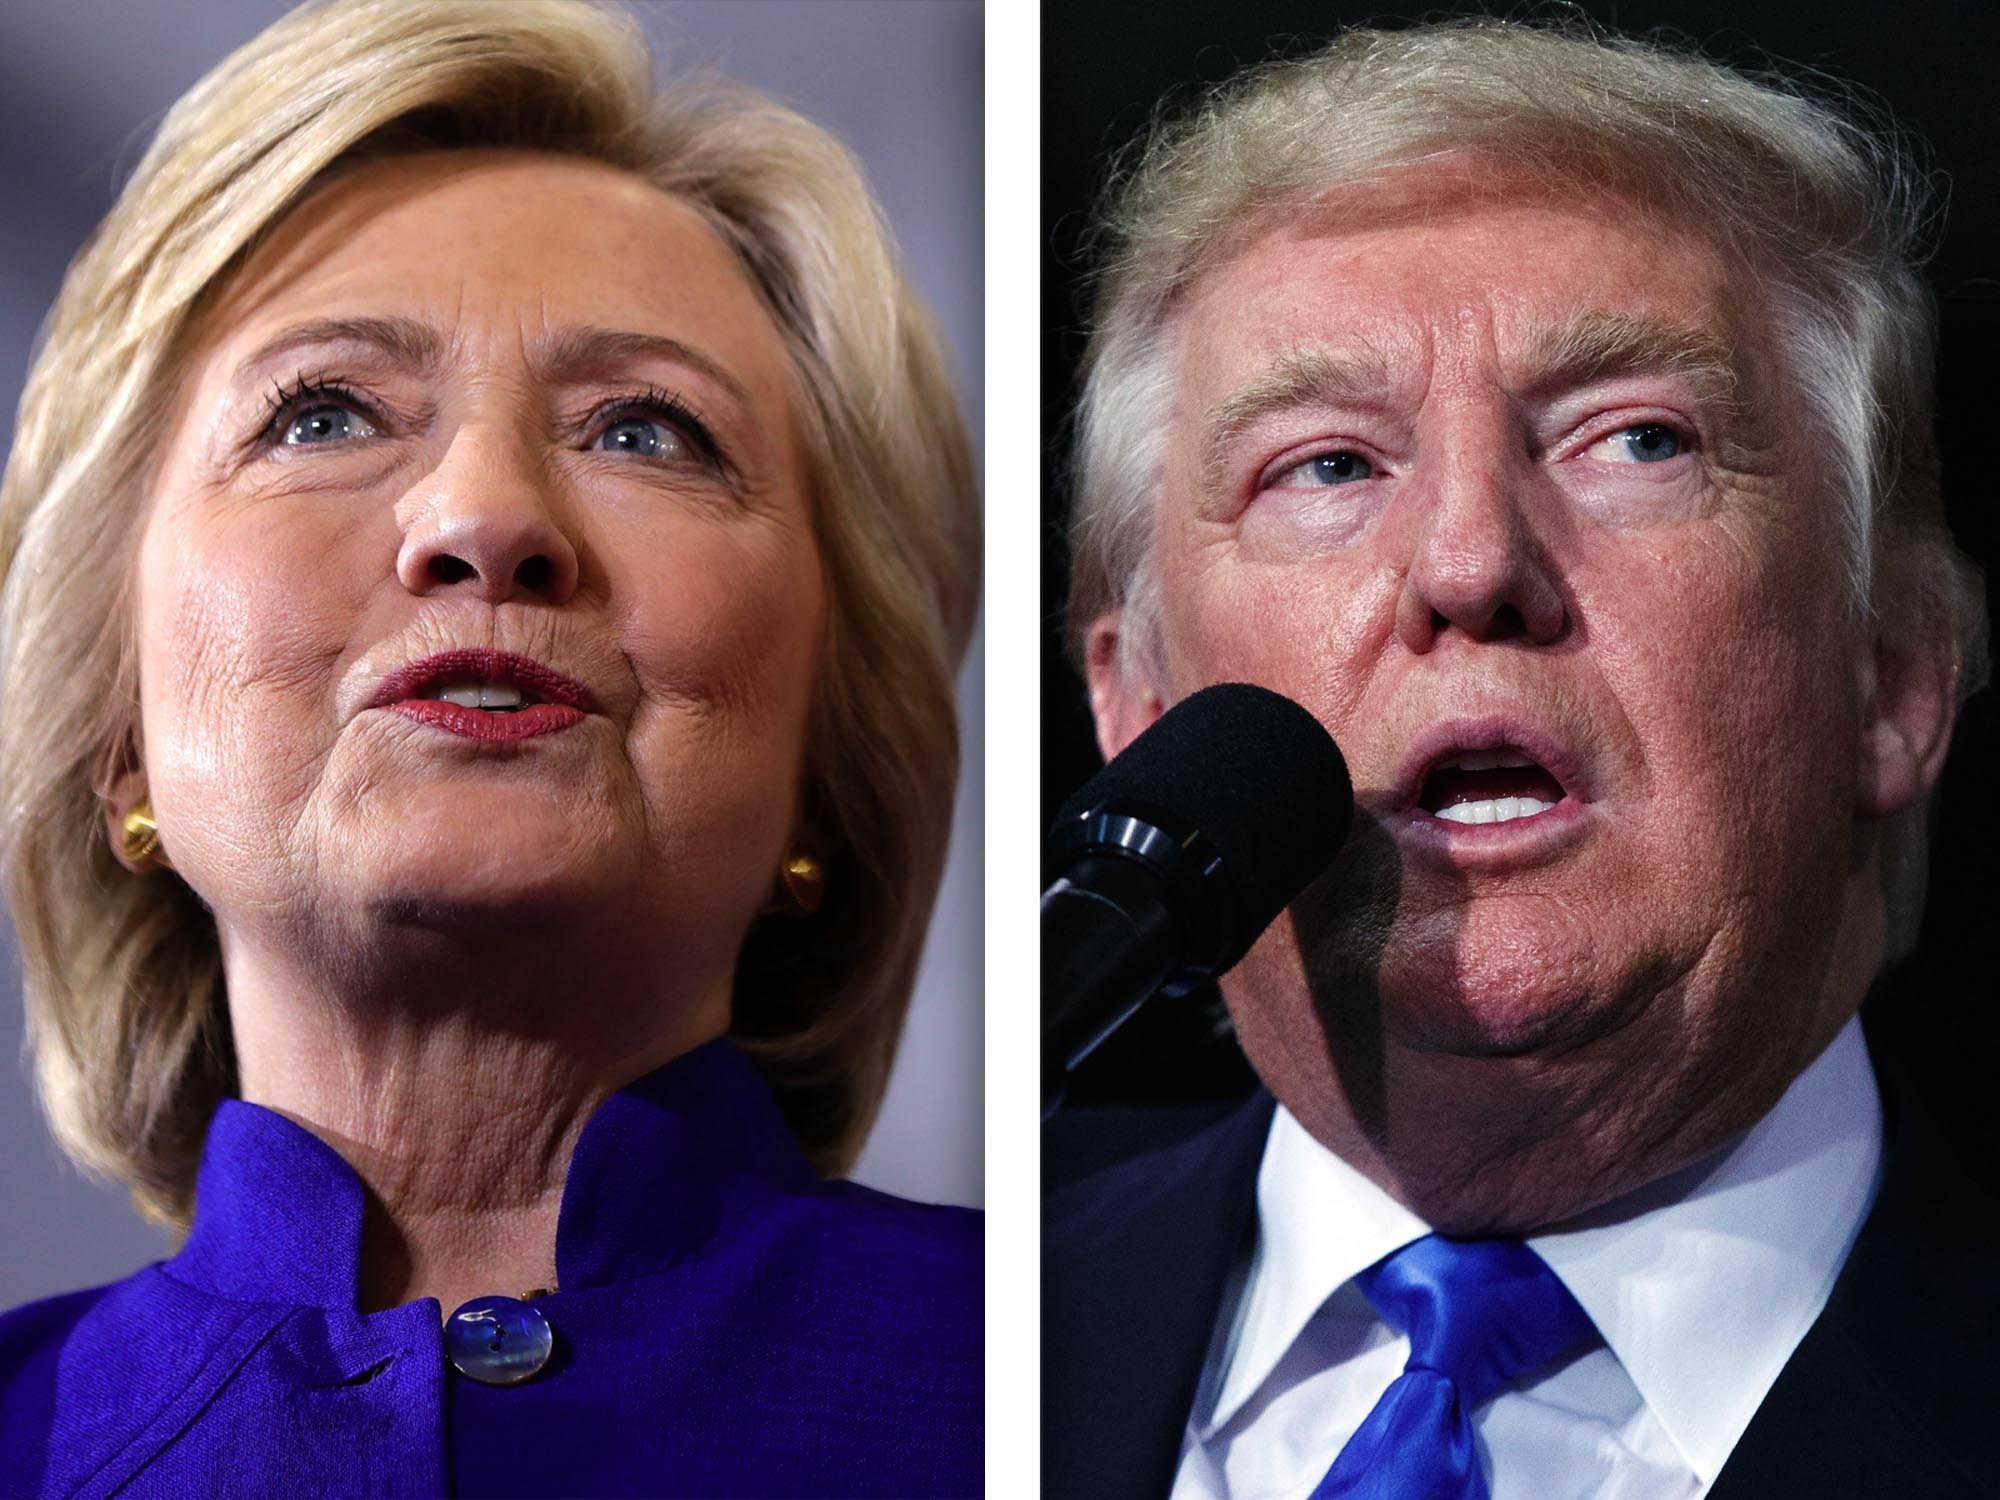 Trump vs. Clinton: A debate fact-check cheat sheet